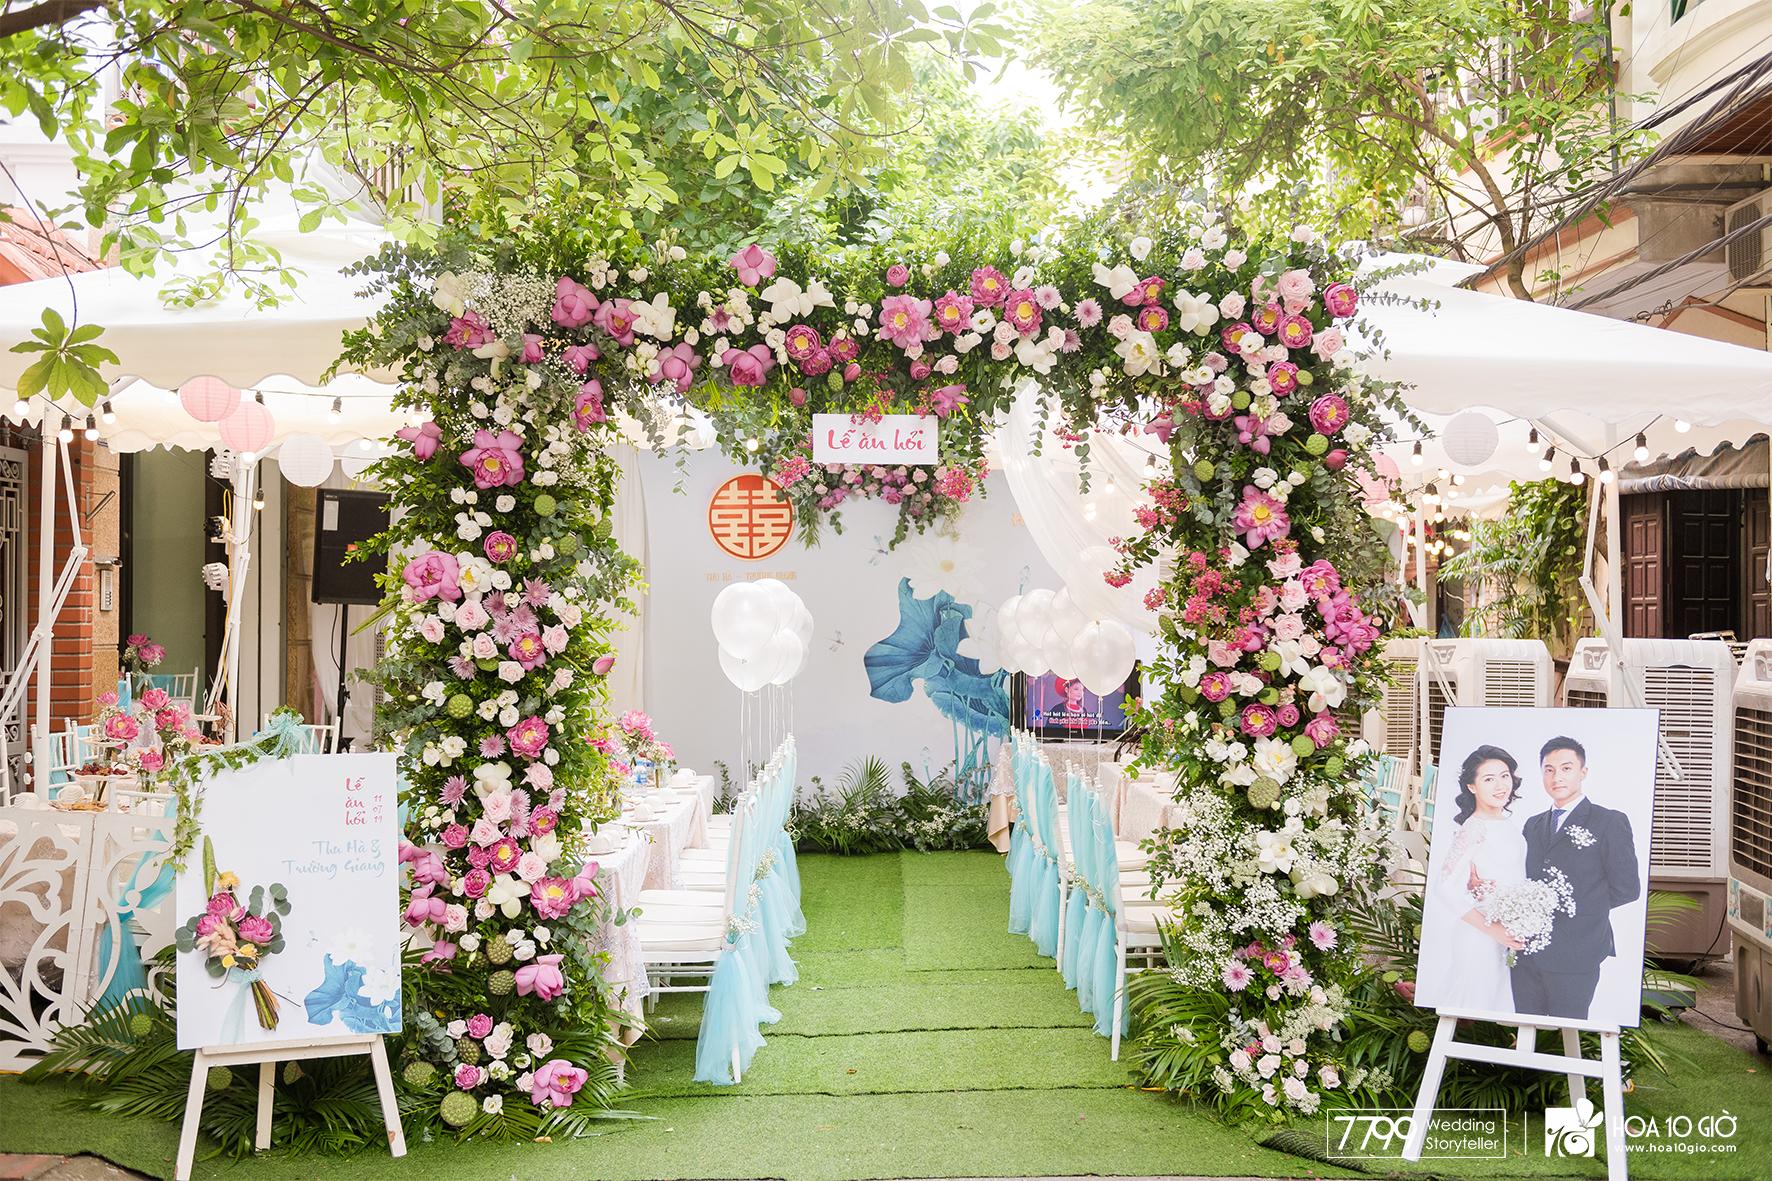 Vì sao hơn 2000 cặp đôi lựa chọn Wedding décor tại 7799?